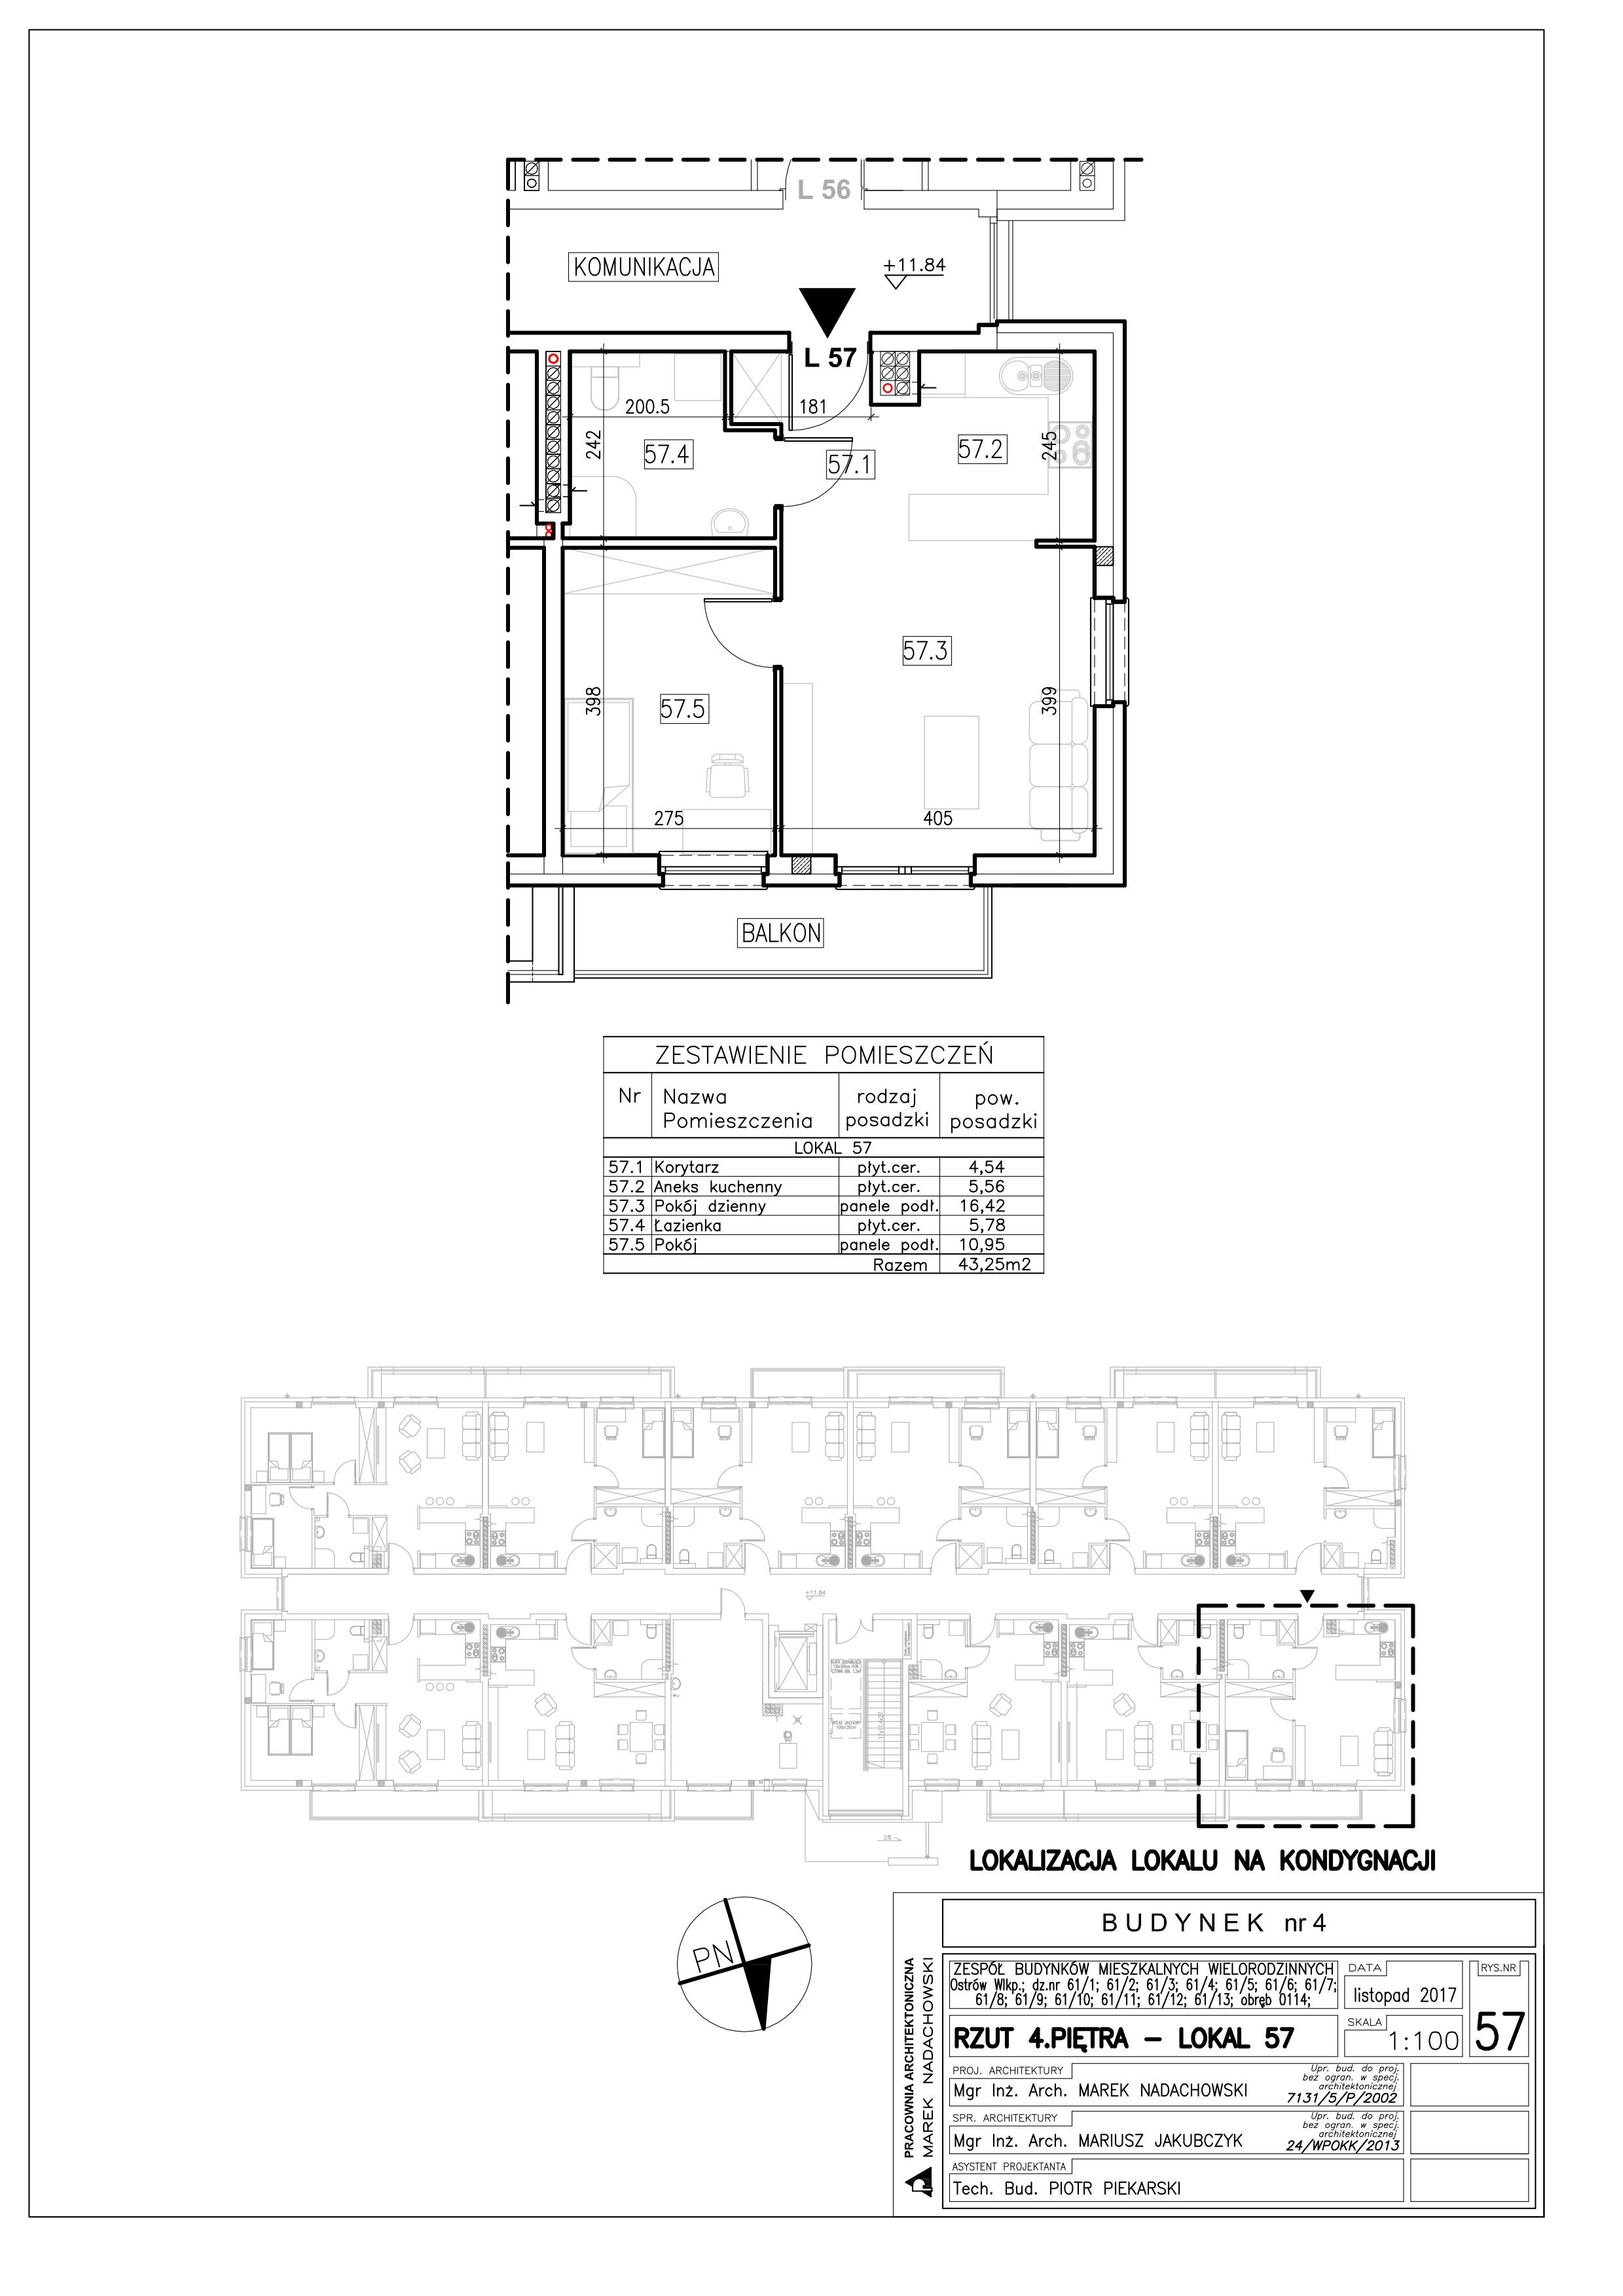 Lokal nr 57 Powierzchnia: 43,25 m2